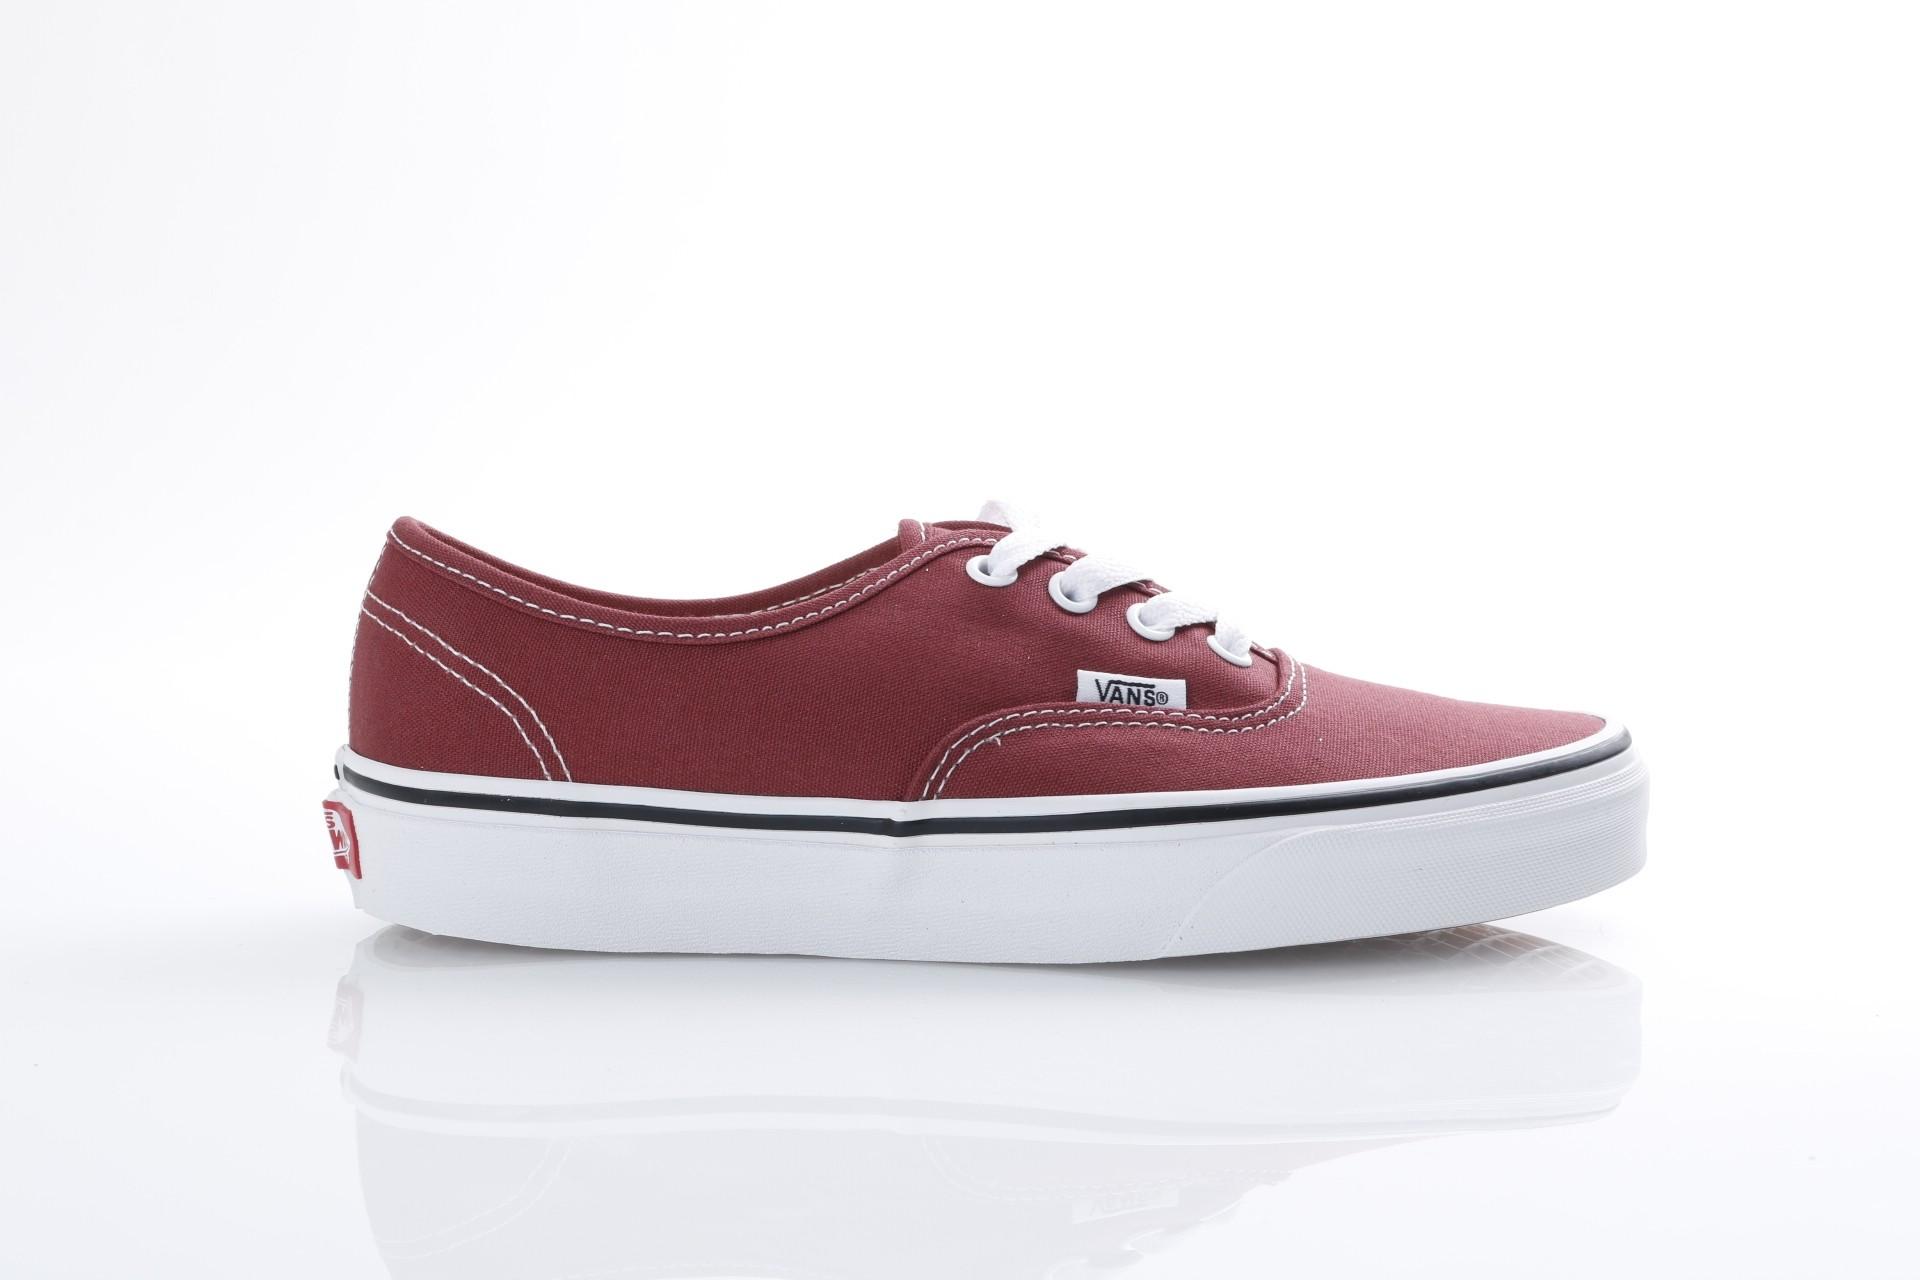 vans schoenen arnhem